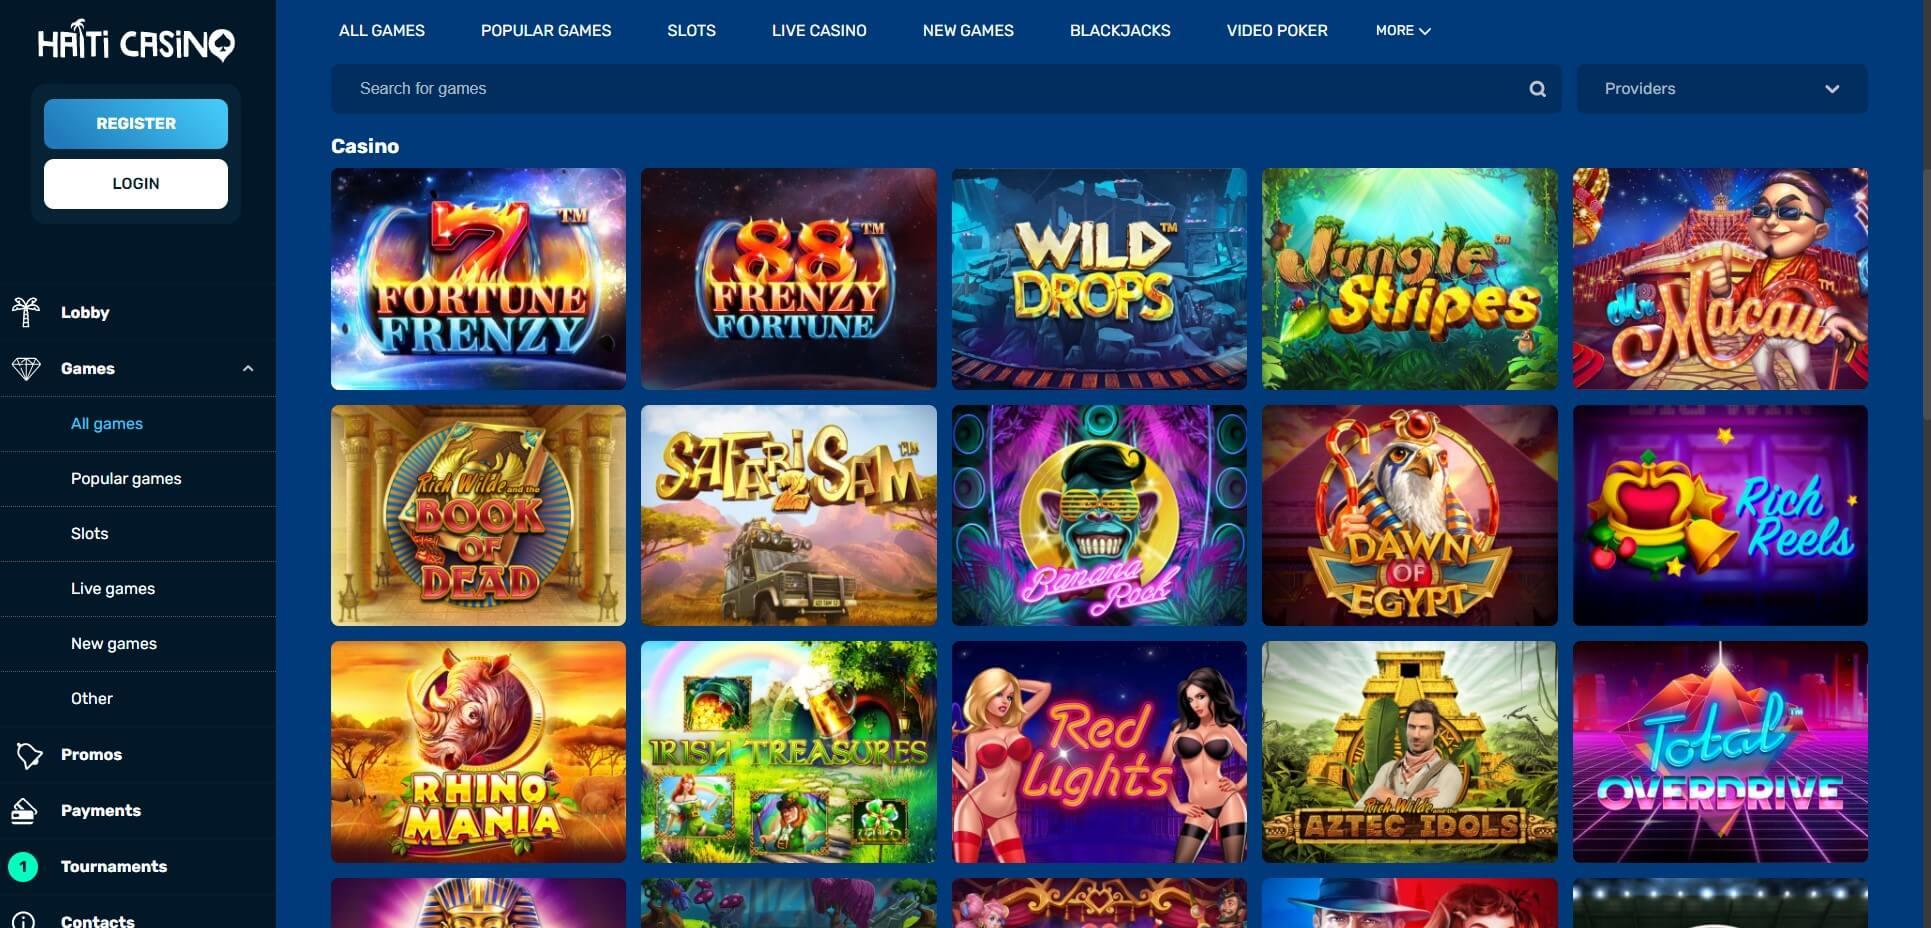 Games at Haiti Casino